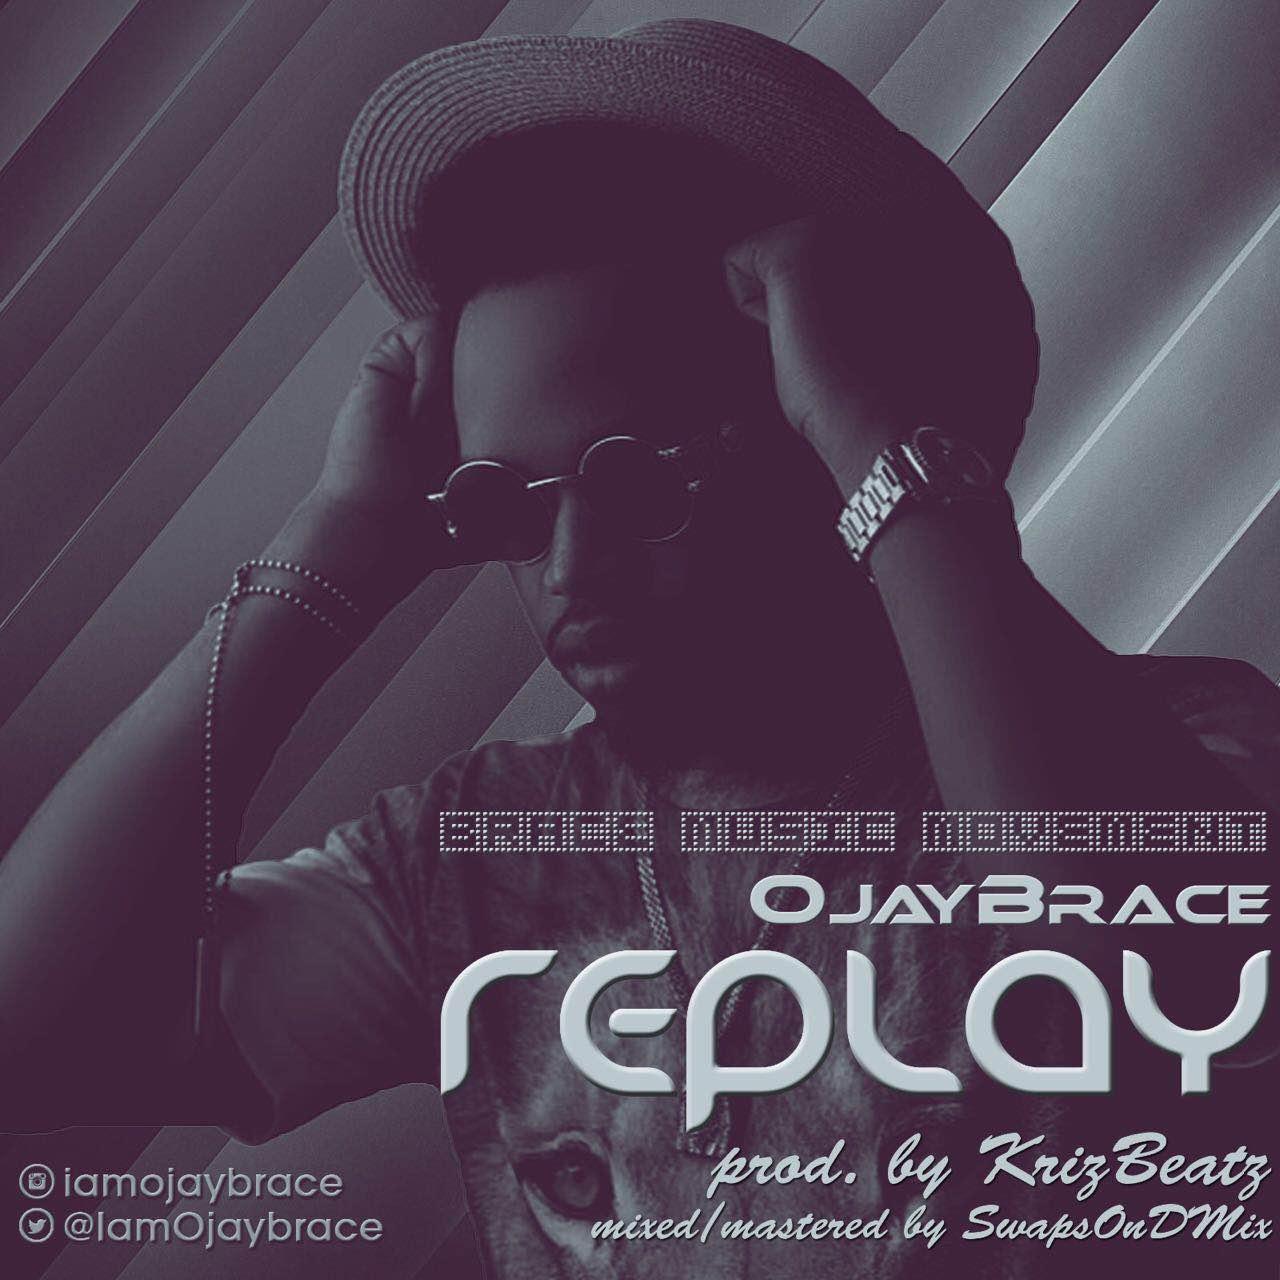 Ojay Brace – Ojay Brace - Replay (Prod. Krisbeatz)